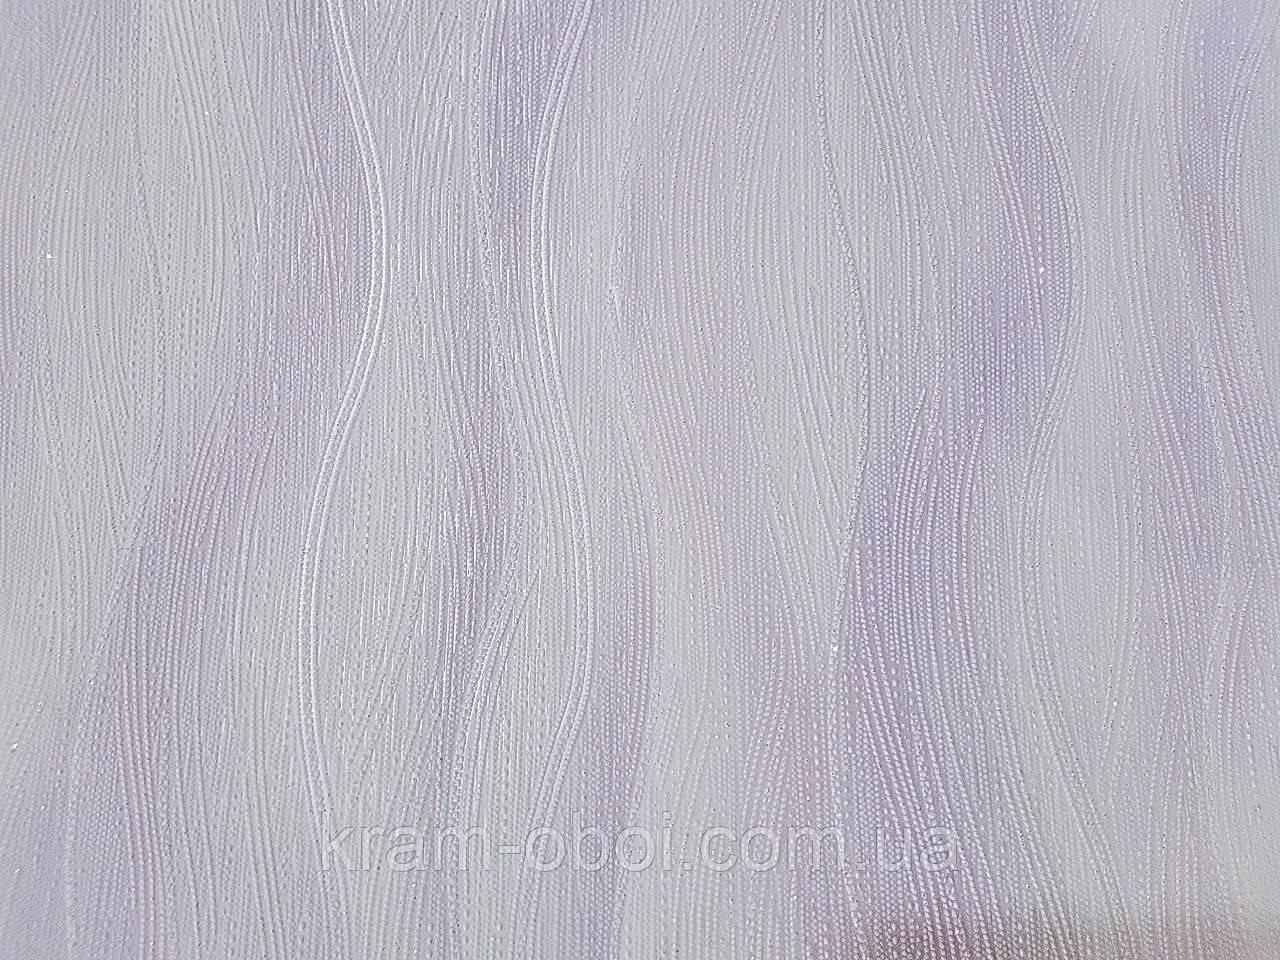 Шпалери Слов'янські Шпалери КФТБ паперові акрил 10 м*0,53 9В77 Дора 2 4081-06